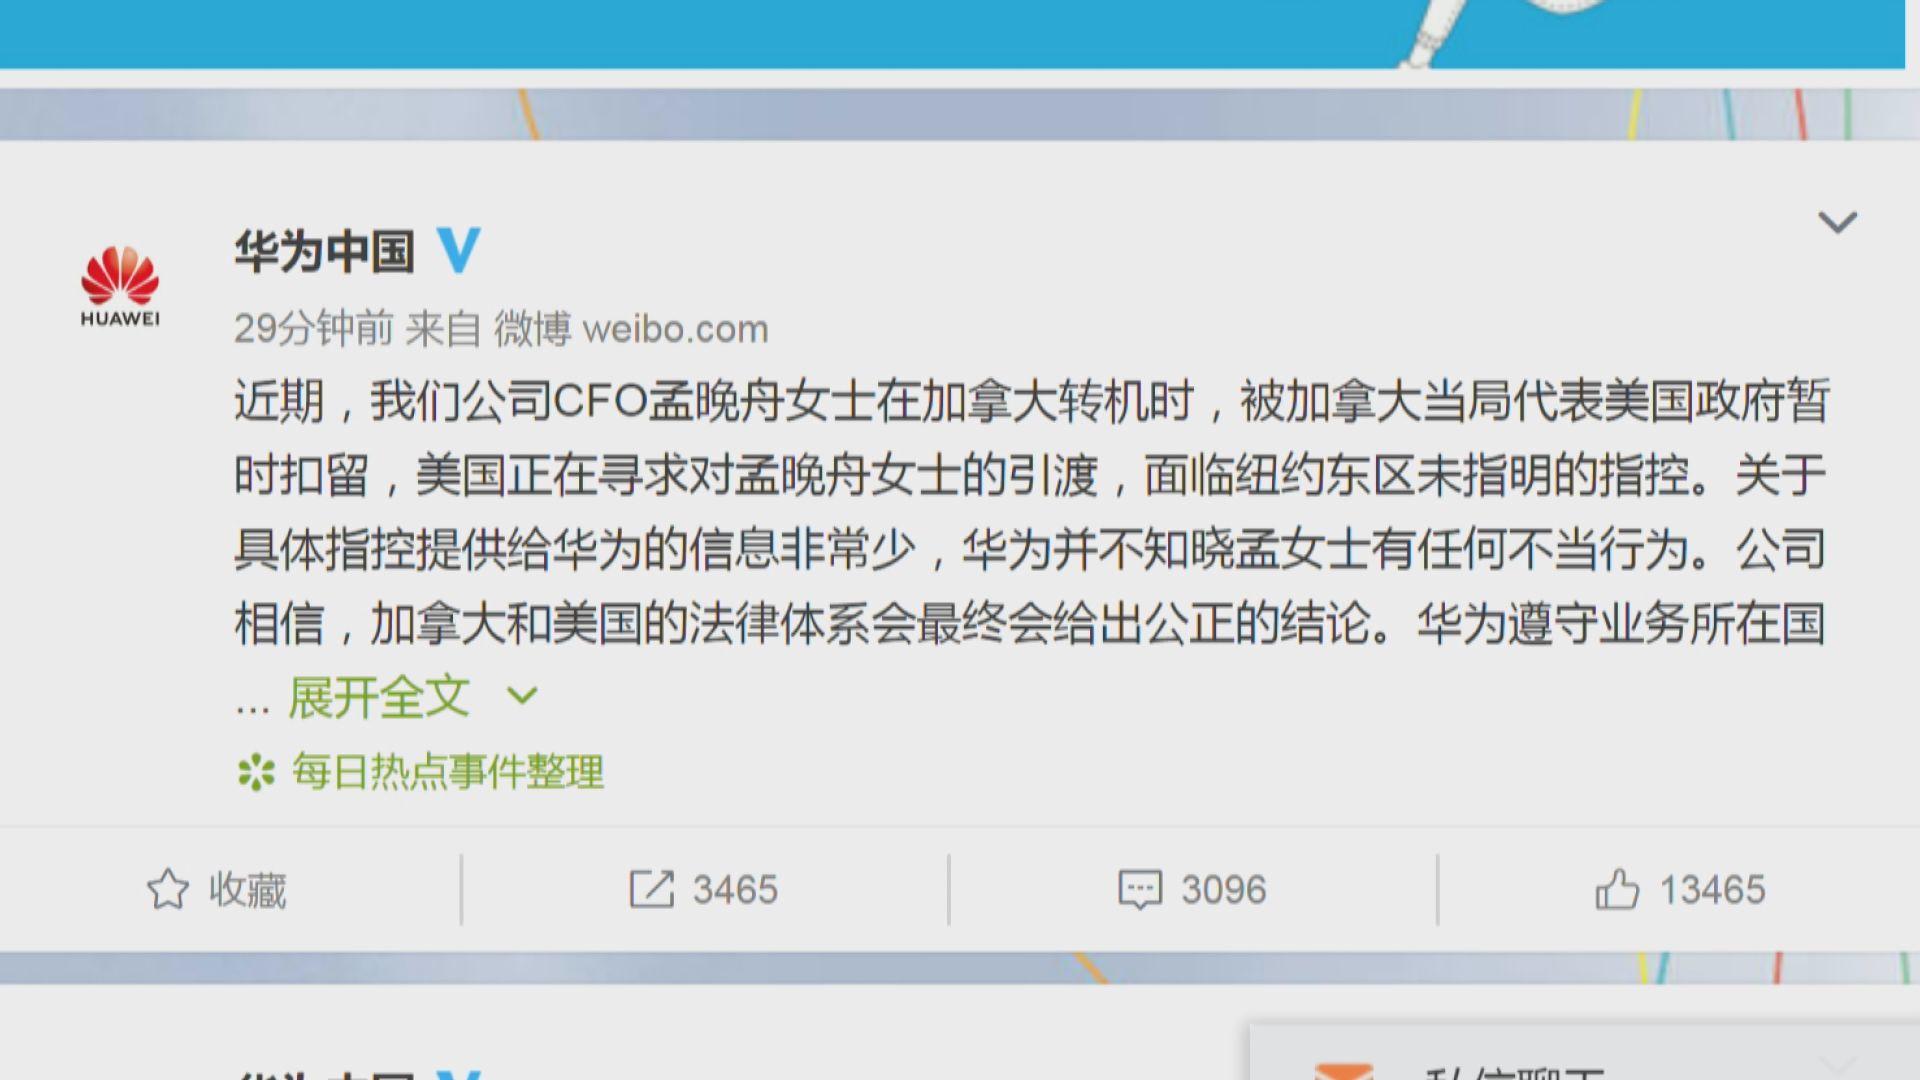 華為孟晚舟加國被捕 中方批嚴重侵犯人權